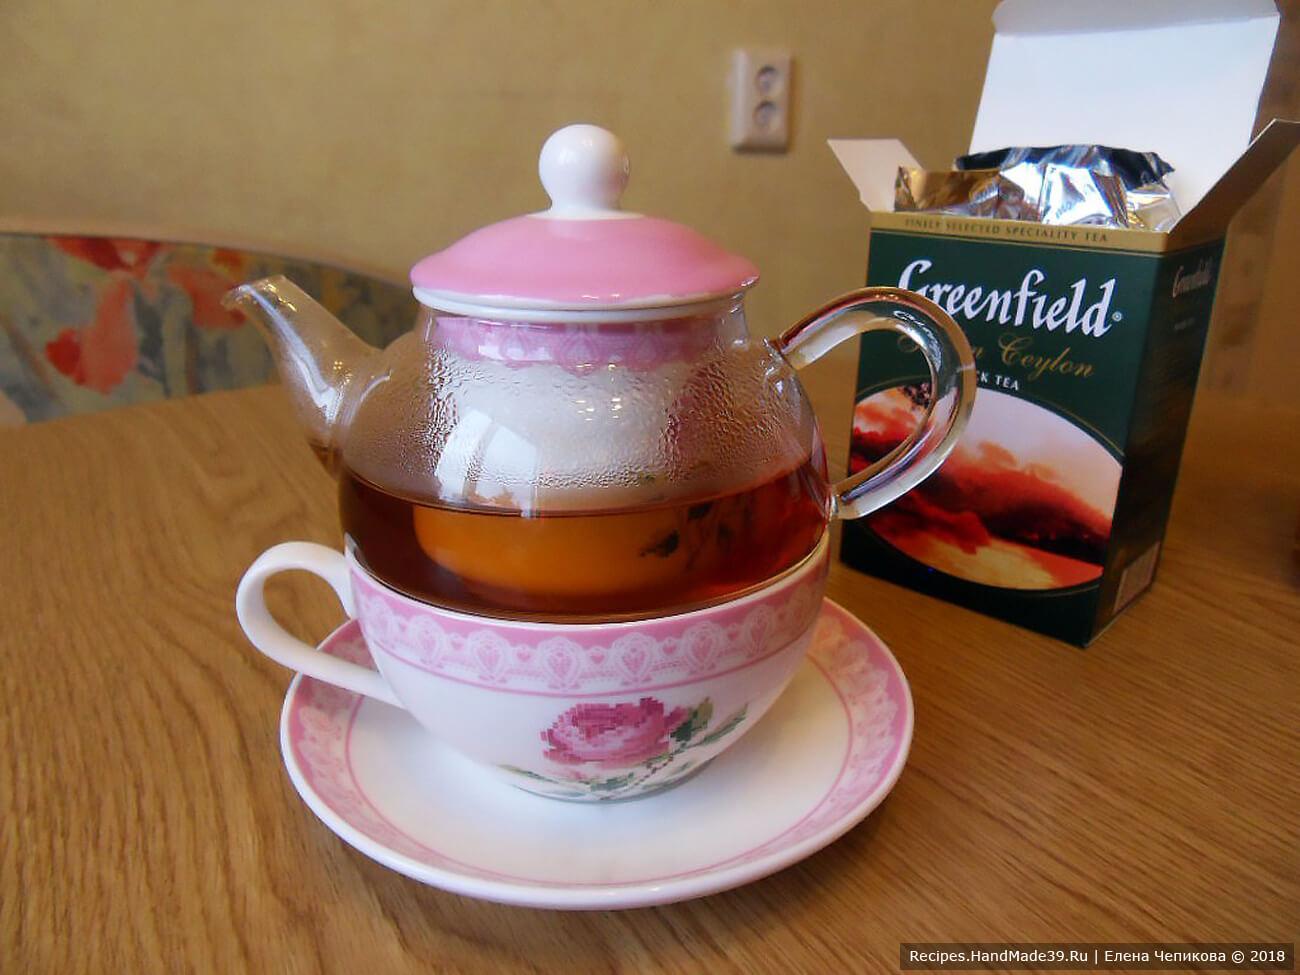 Чайник обдать кипятком. Заварить чёрный чай